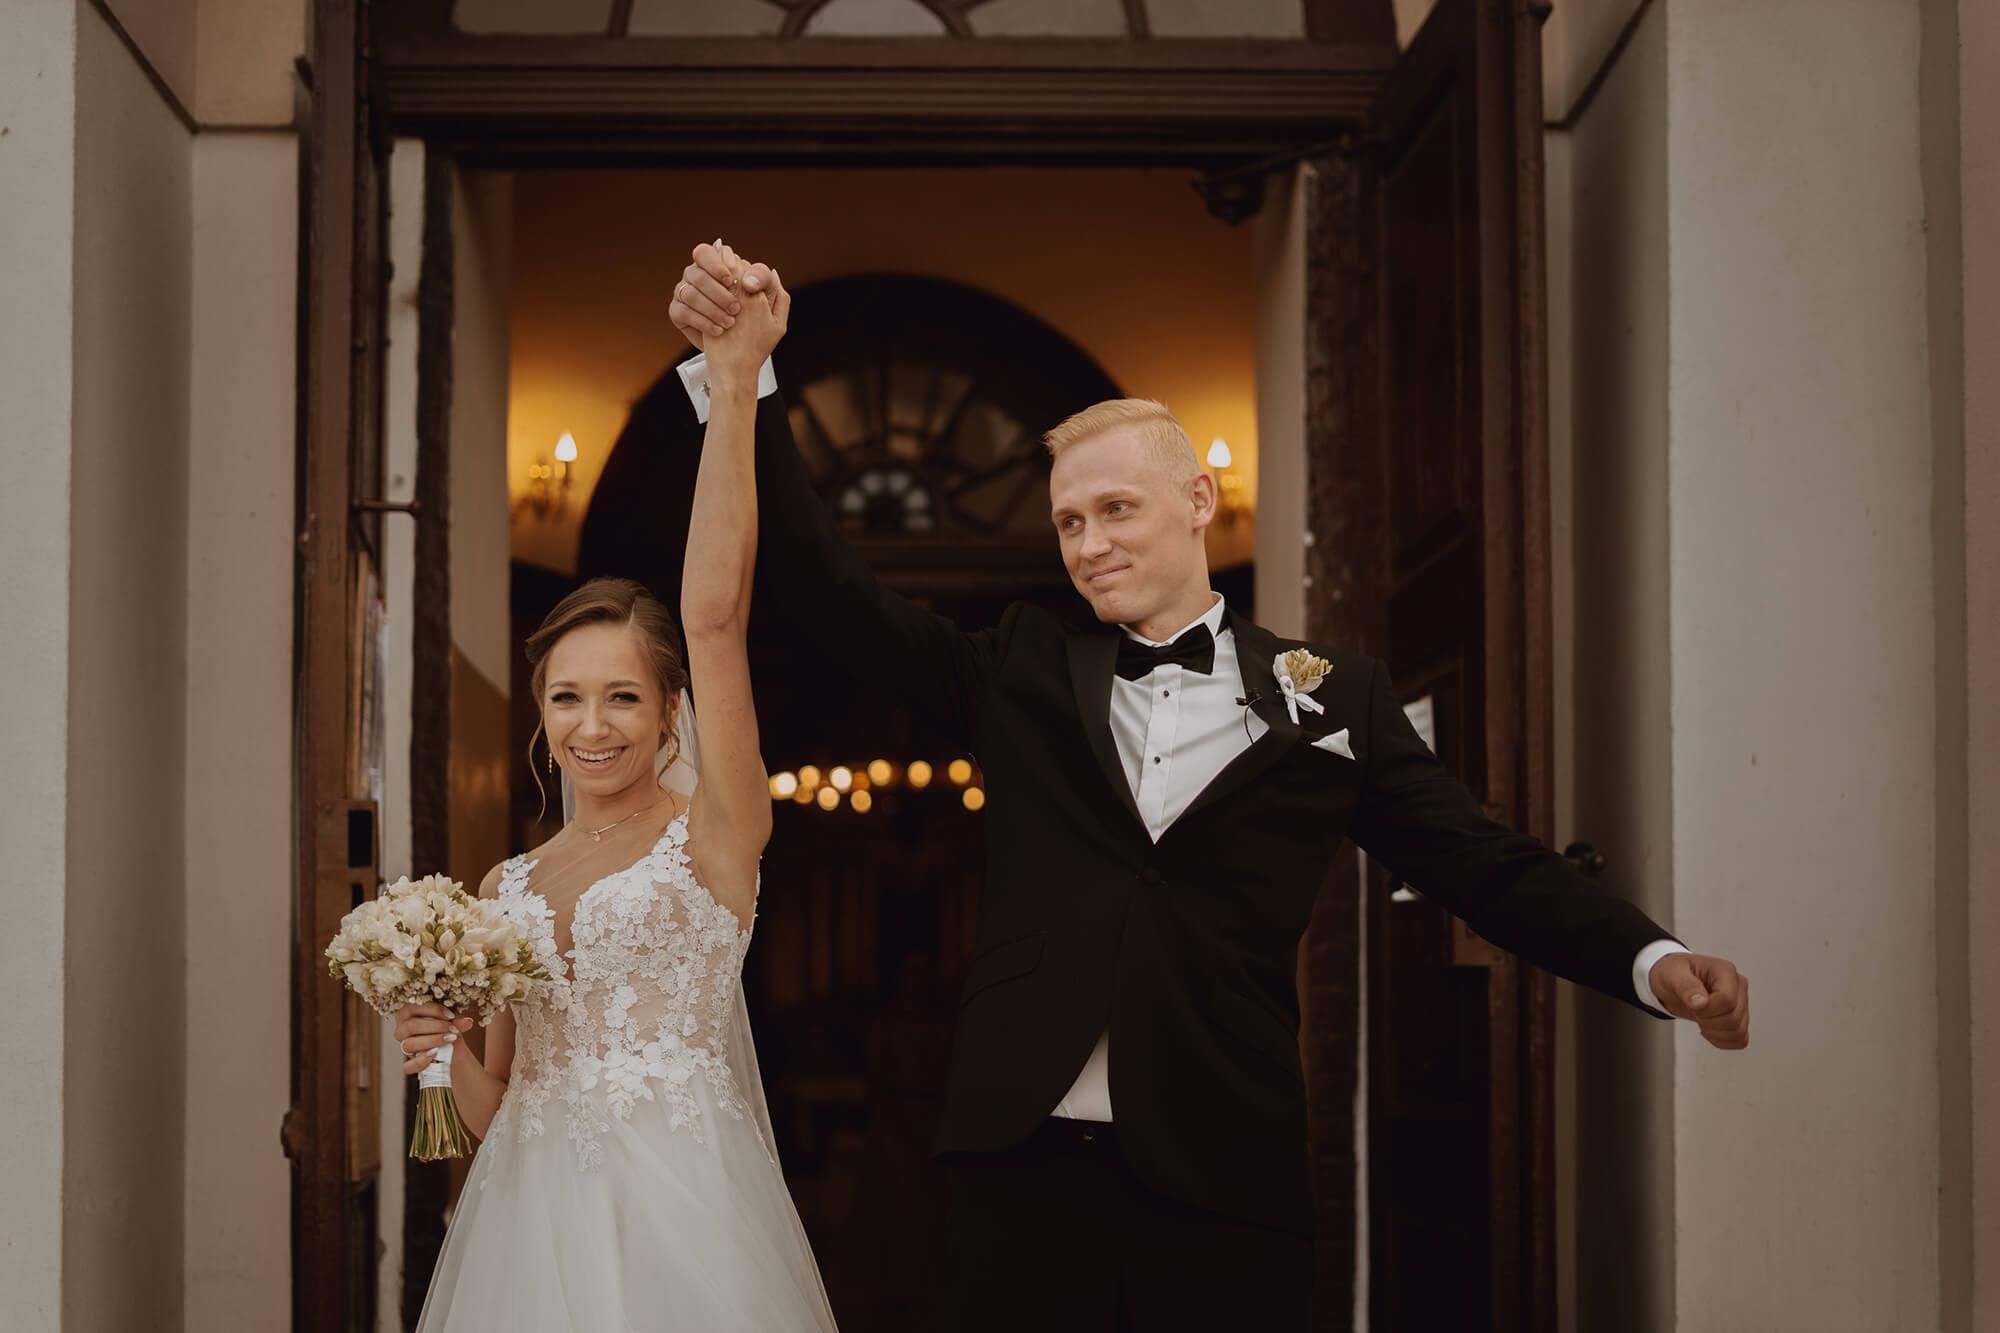 Slub wesele w dworze Hulanka00073 - Ola + Maciej | wesele w Dworze Hulanka